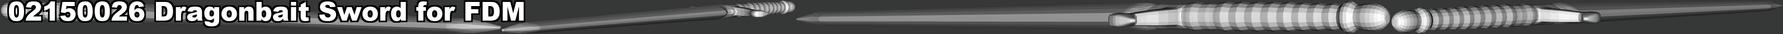 02150026 Dragonbait Sword for FDM.png